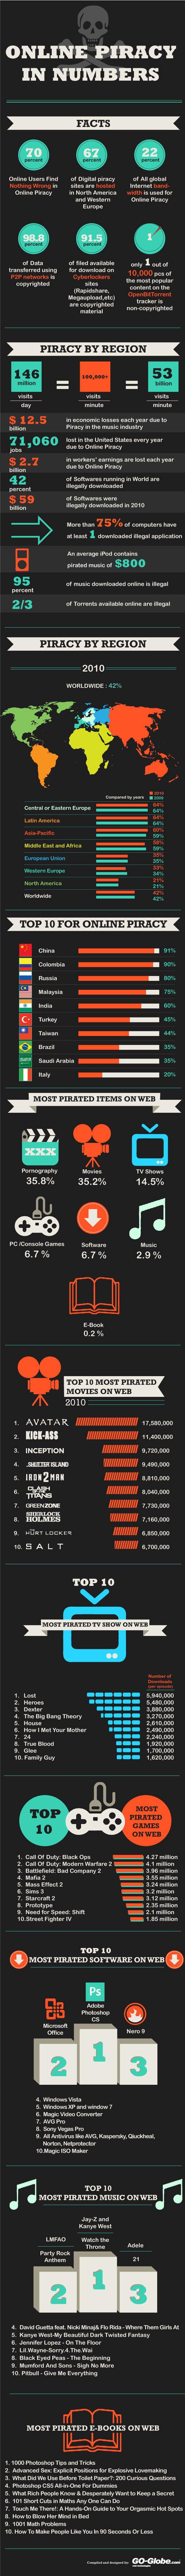 Completísima y detallada infografía sobre la piratería en internet